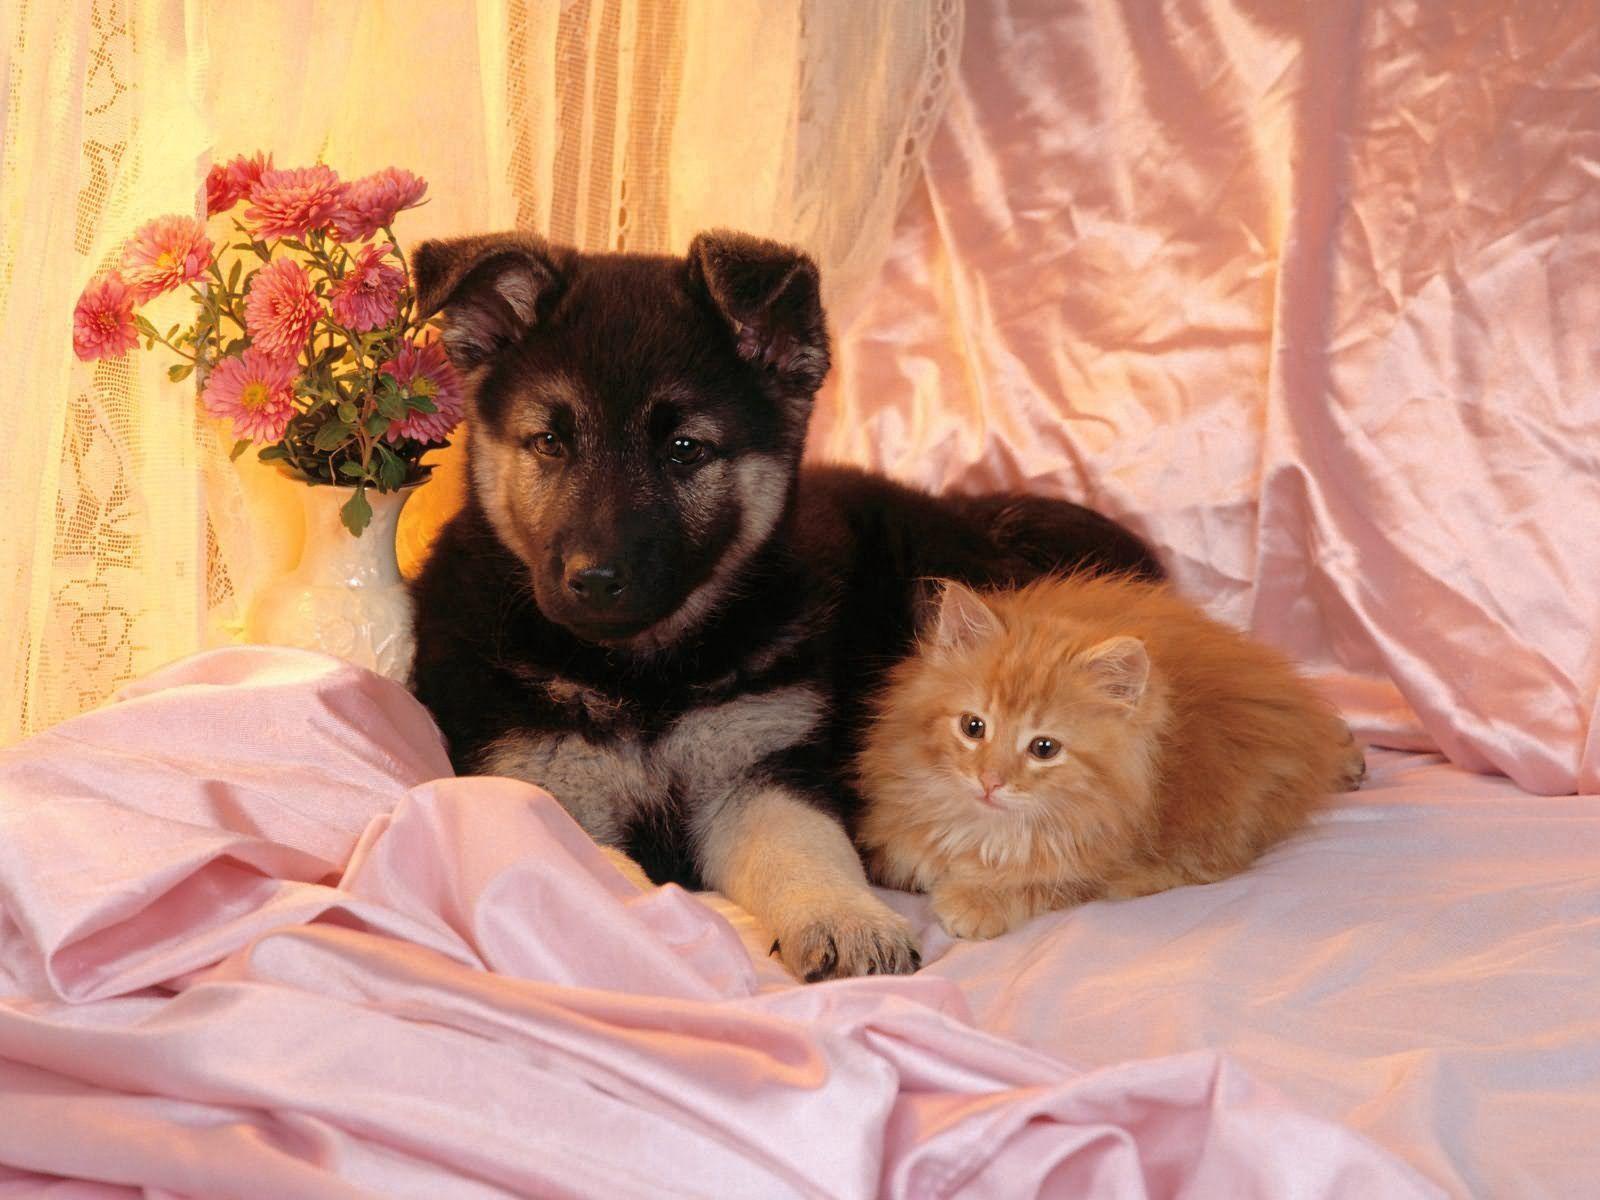 62762 Hintergrundbild 1024x768 kostenlos auf deinem Handy, lade Bilder Tiere, Kätzchen, Paar, Hund, Freunde 1024x768 auf dein Handy herunter